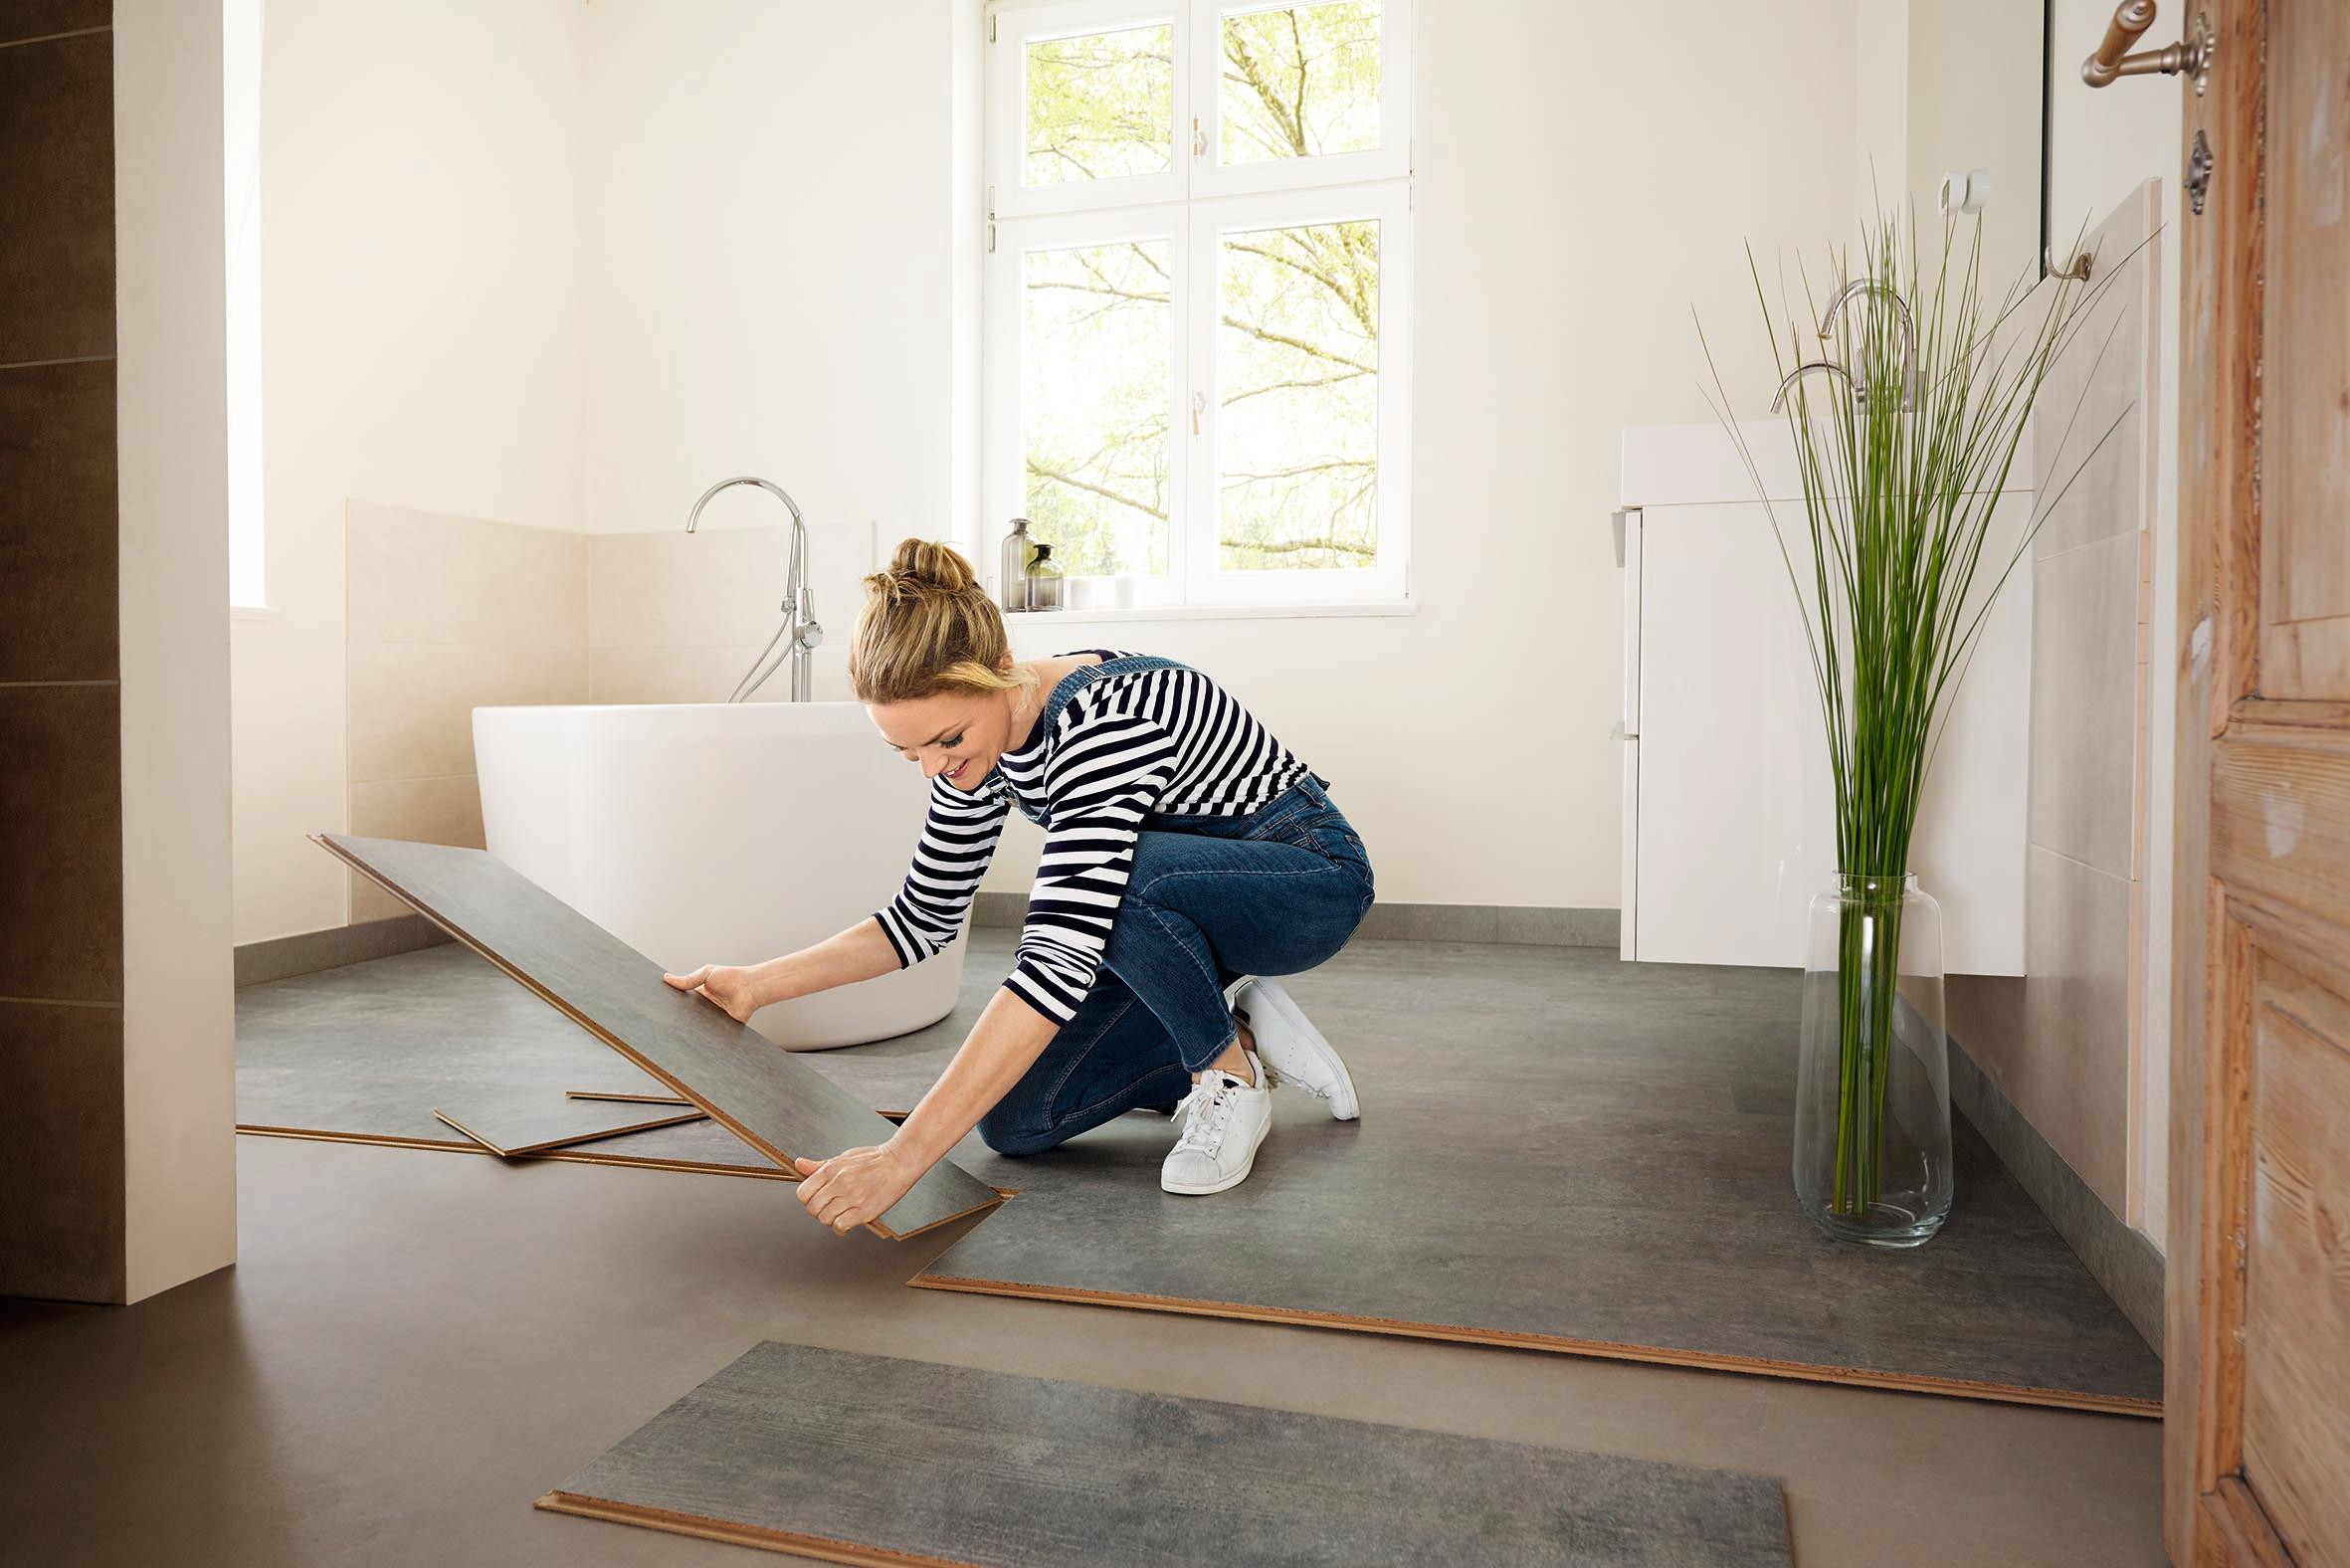 Boden wechsel dich: Jeder Dritte möchte den Fußboden in seinem ...